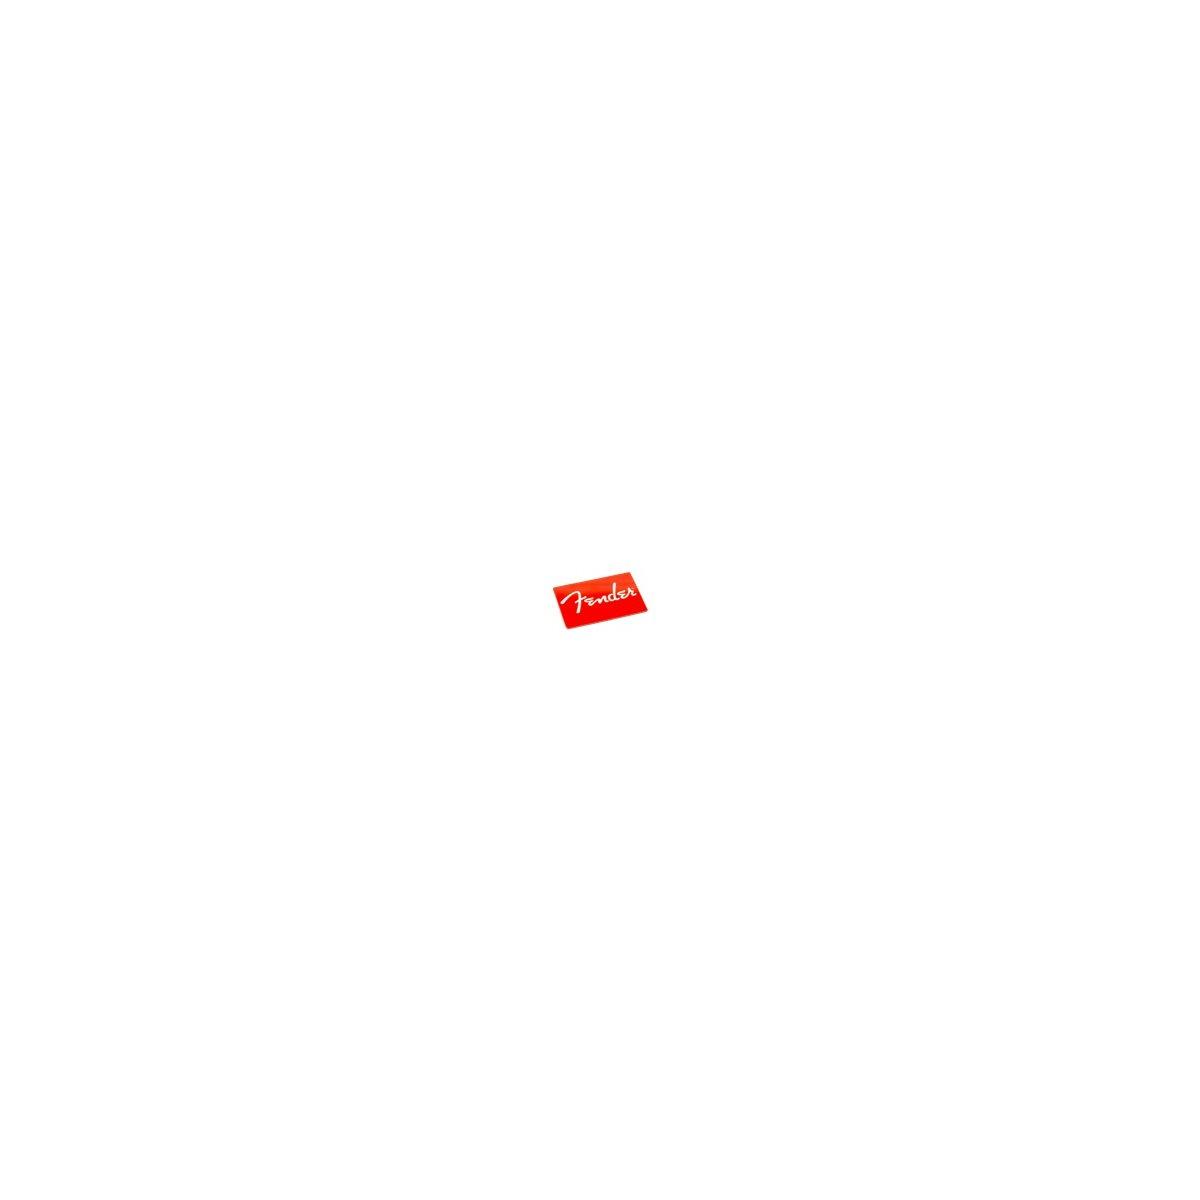 FENDER - aimant avec logo fender rouge